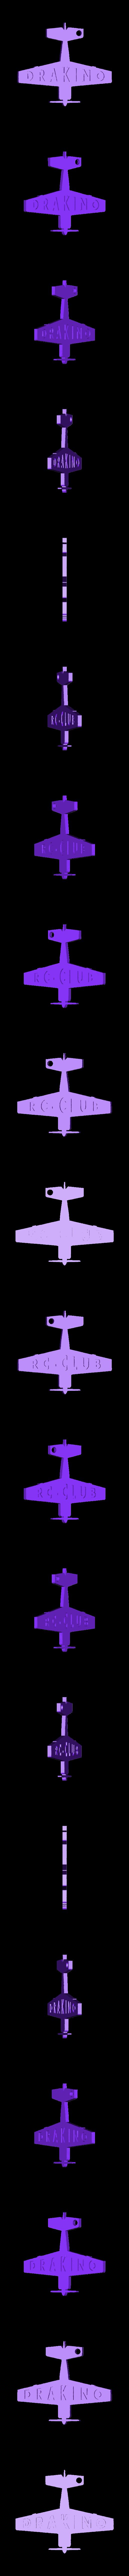 54-1.stl Télécharger fichier STL gratuit yak-54 porte-clés • Modèle pour impression 3D, shuranikishin